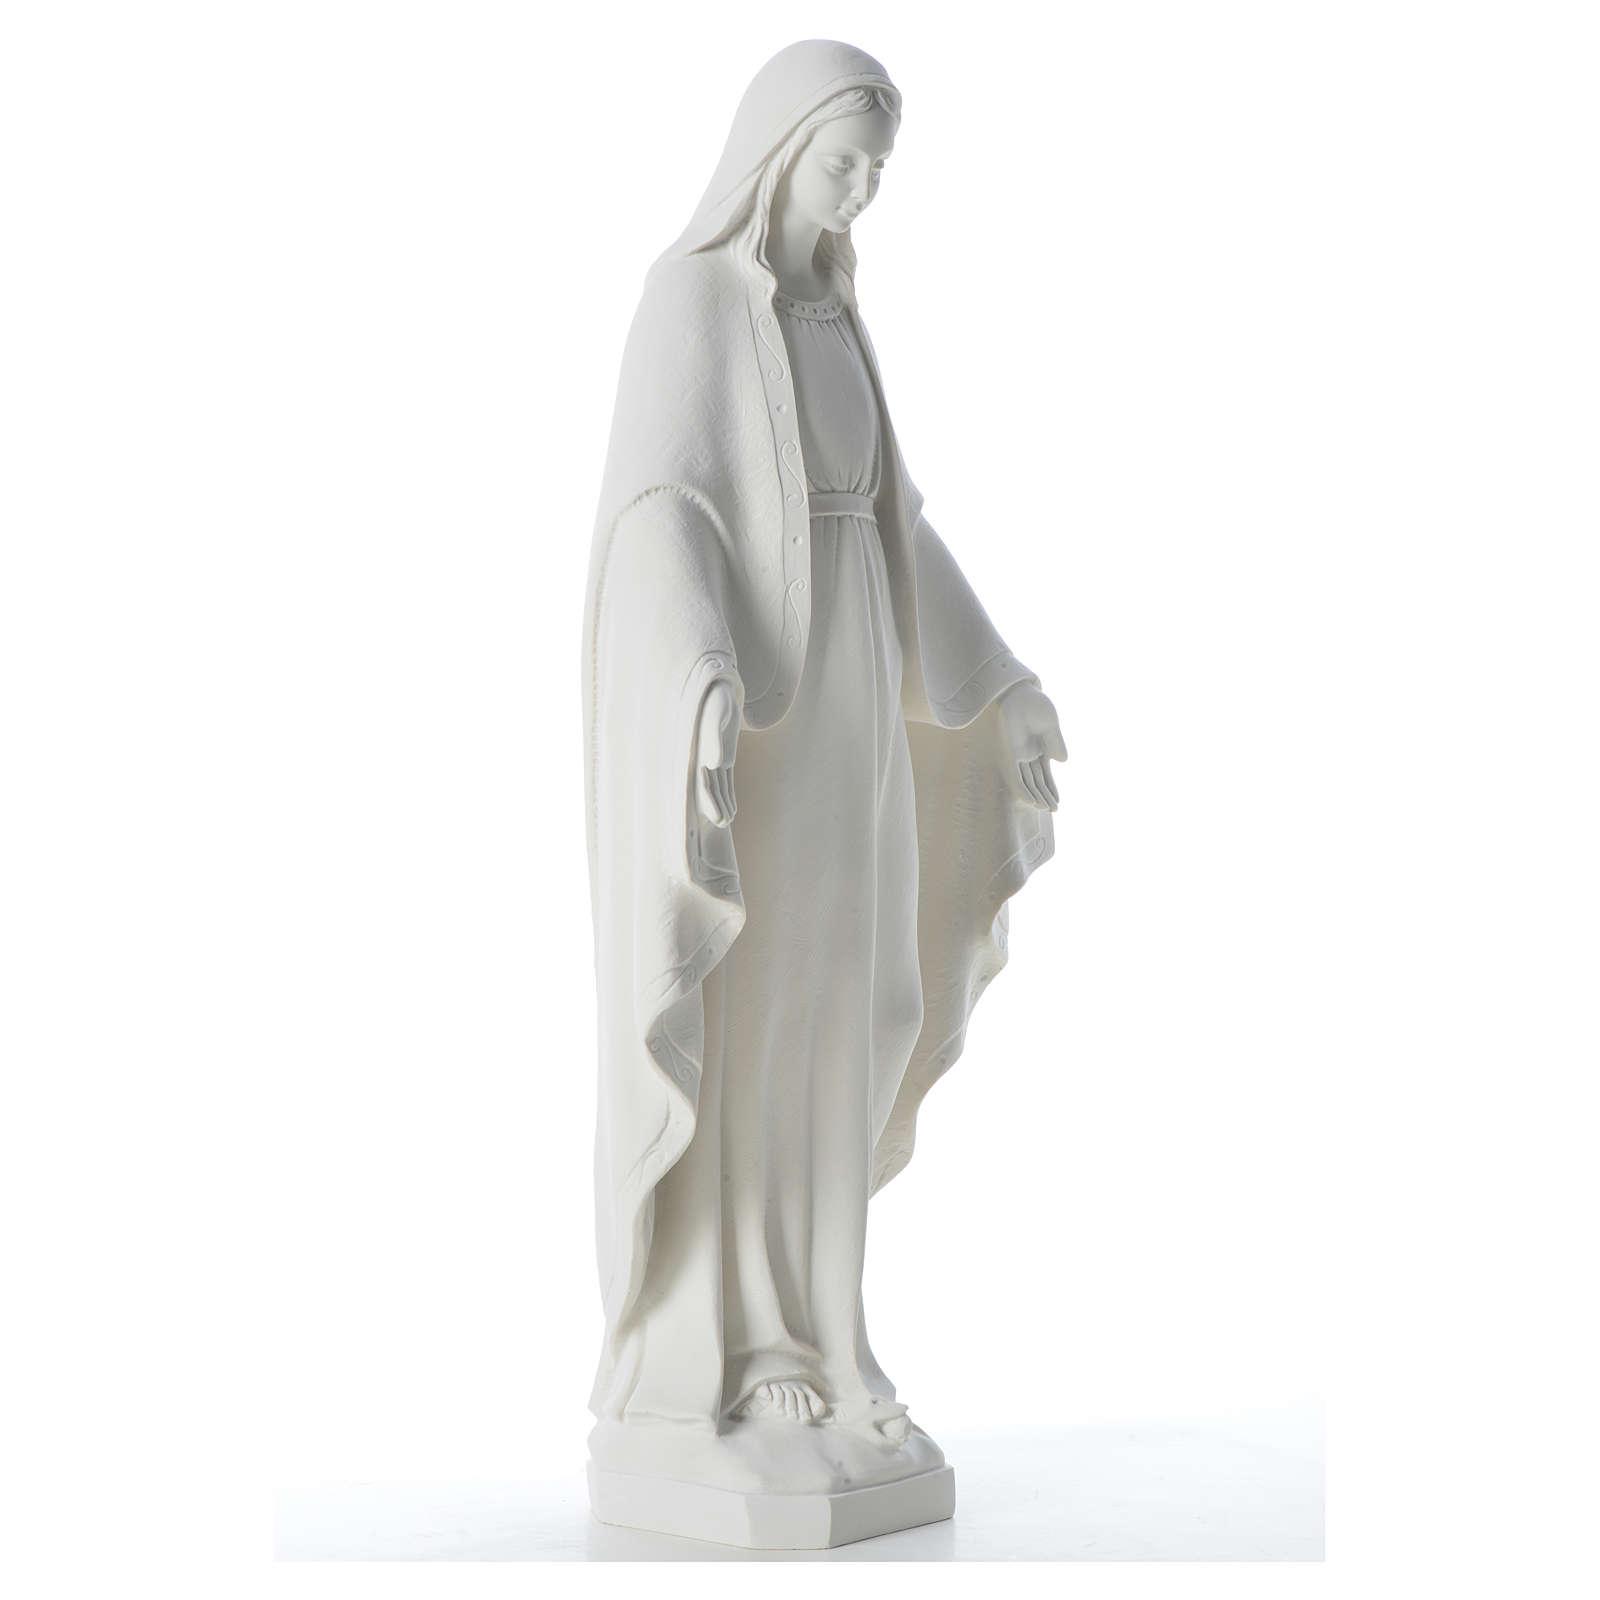 Statue Vierge Miraculeuse poudre de marbre 62 cm 4